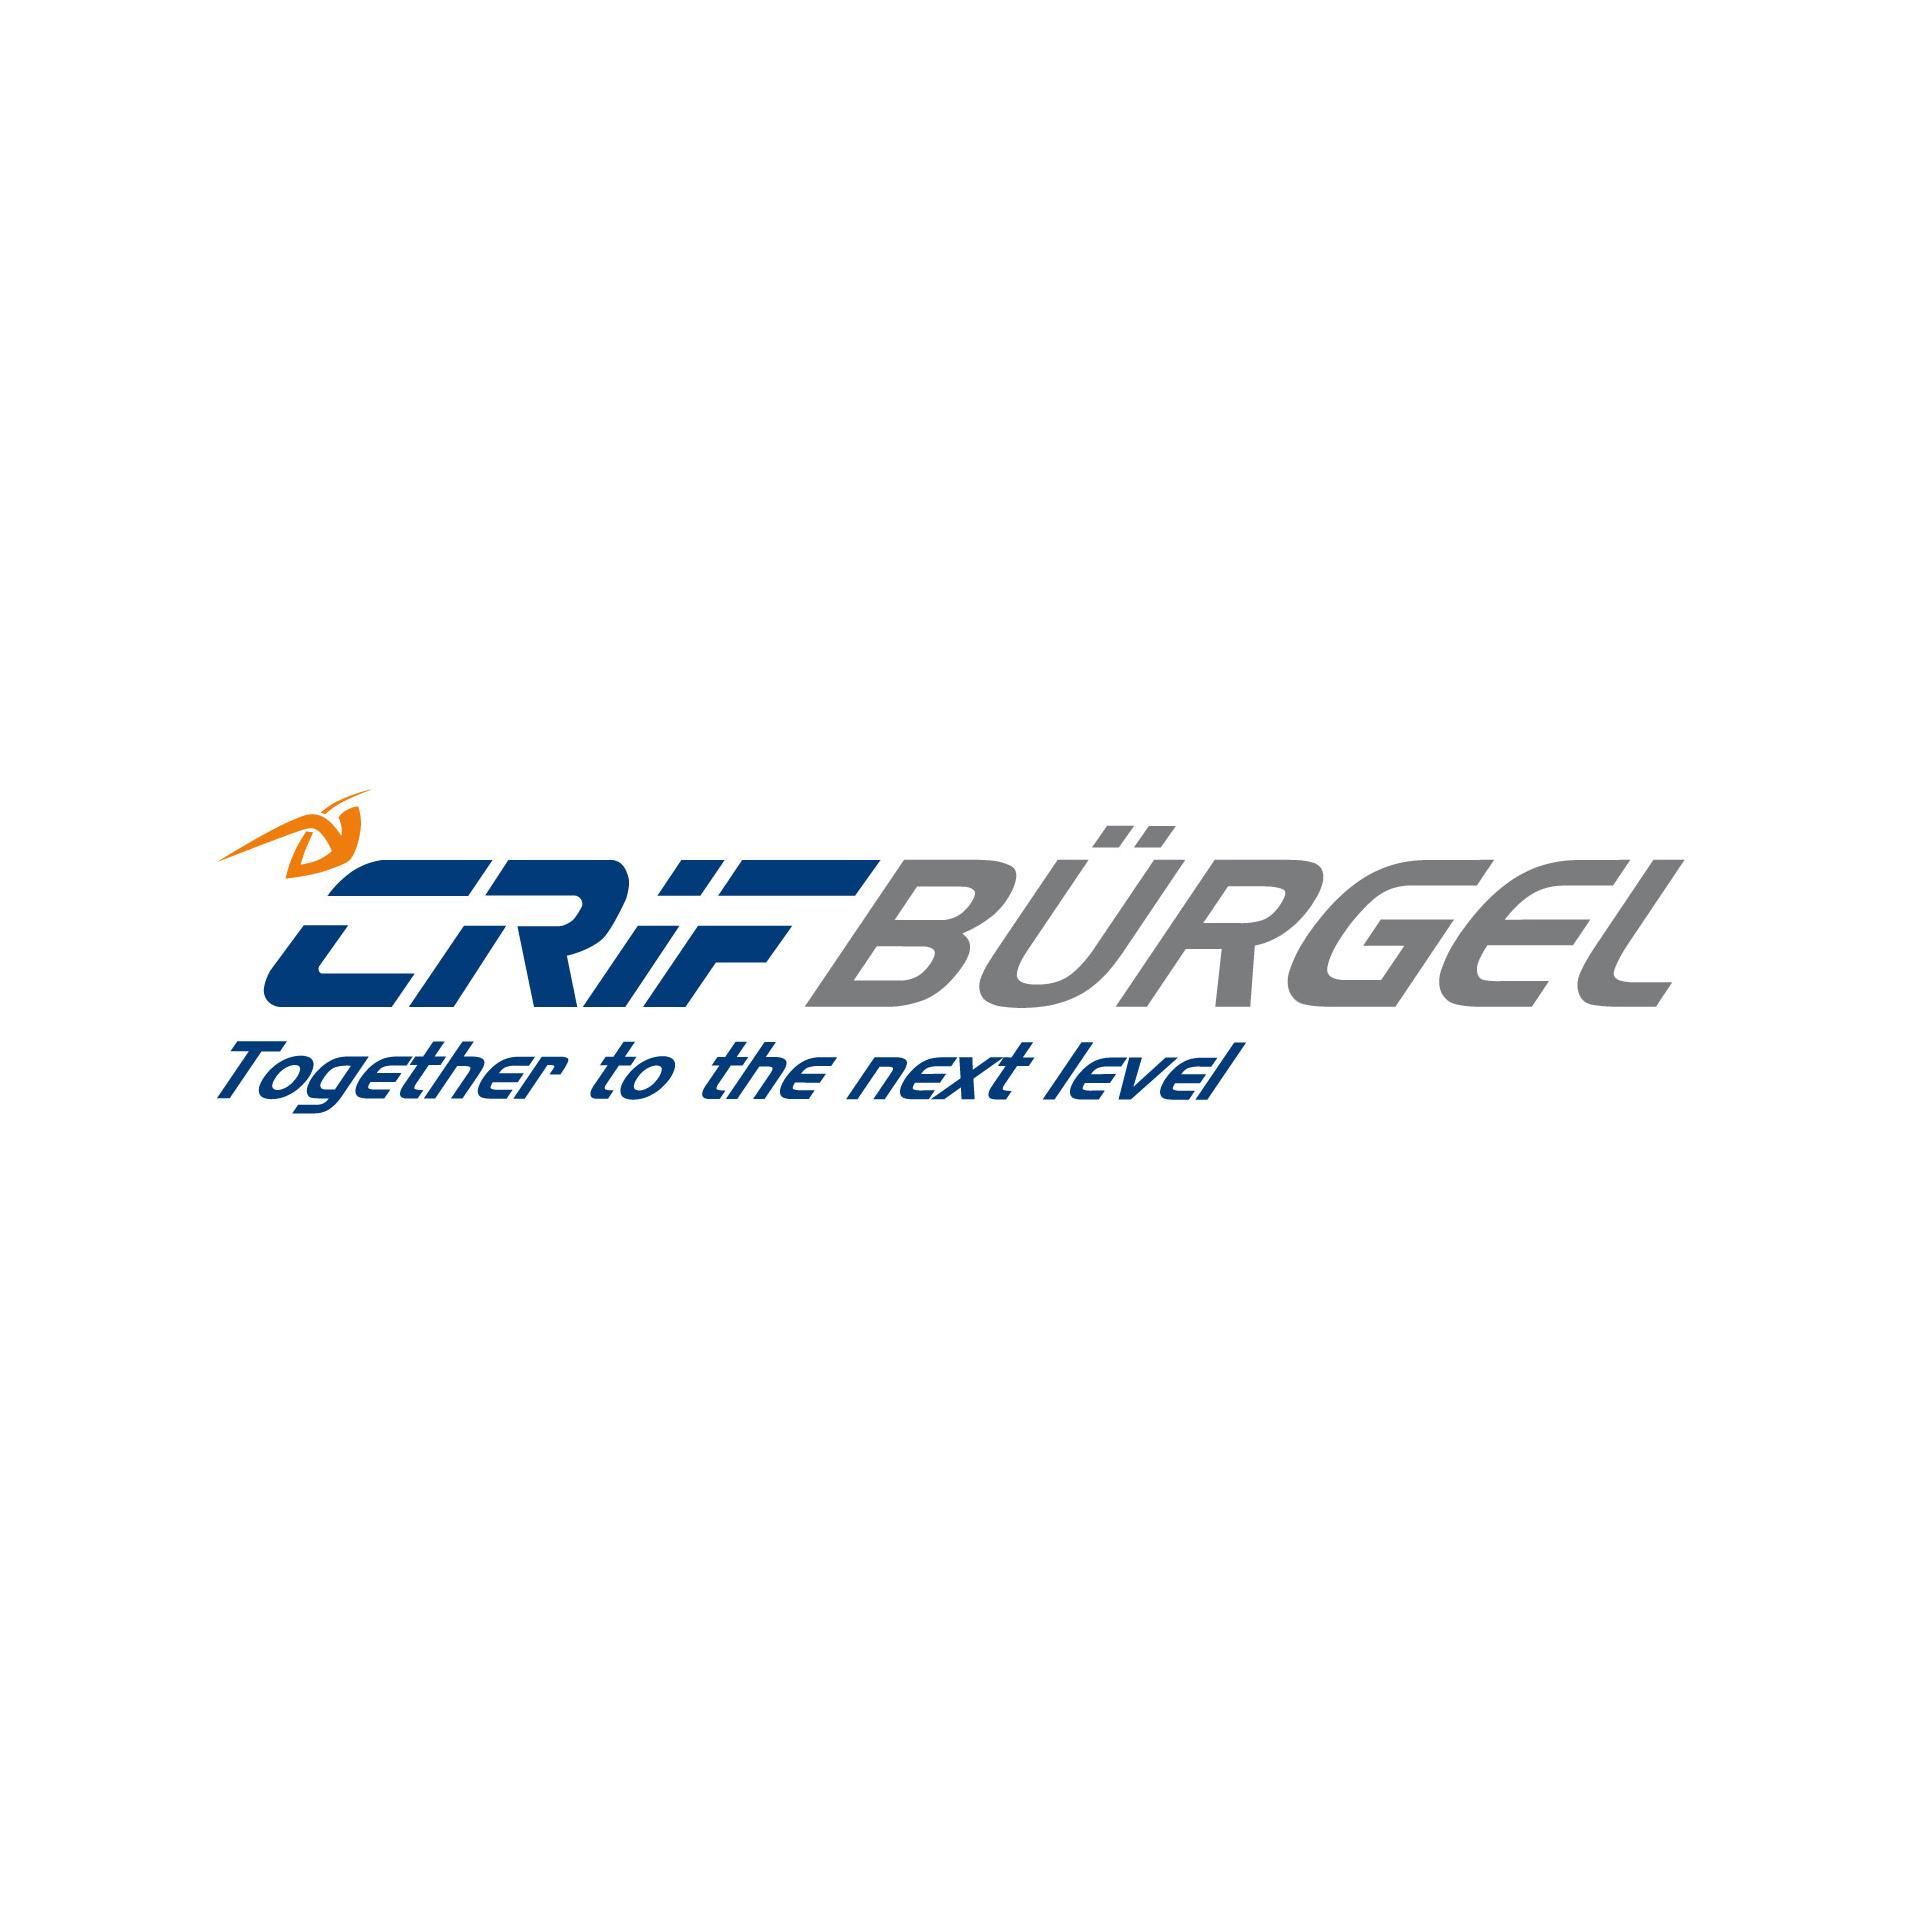 Crif B�rgel.jpg